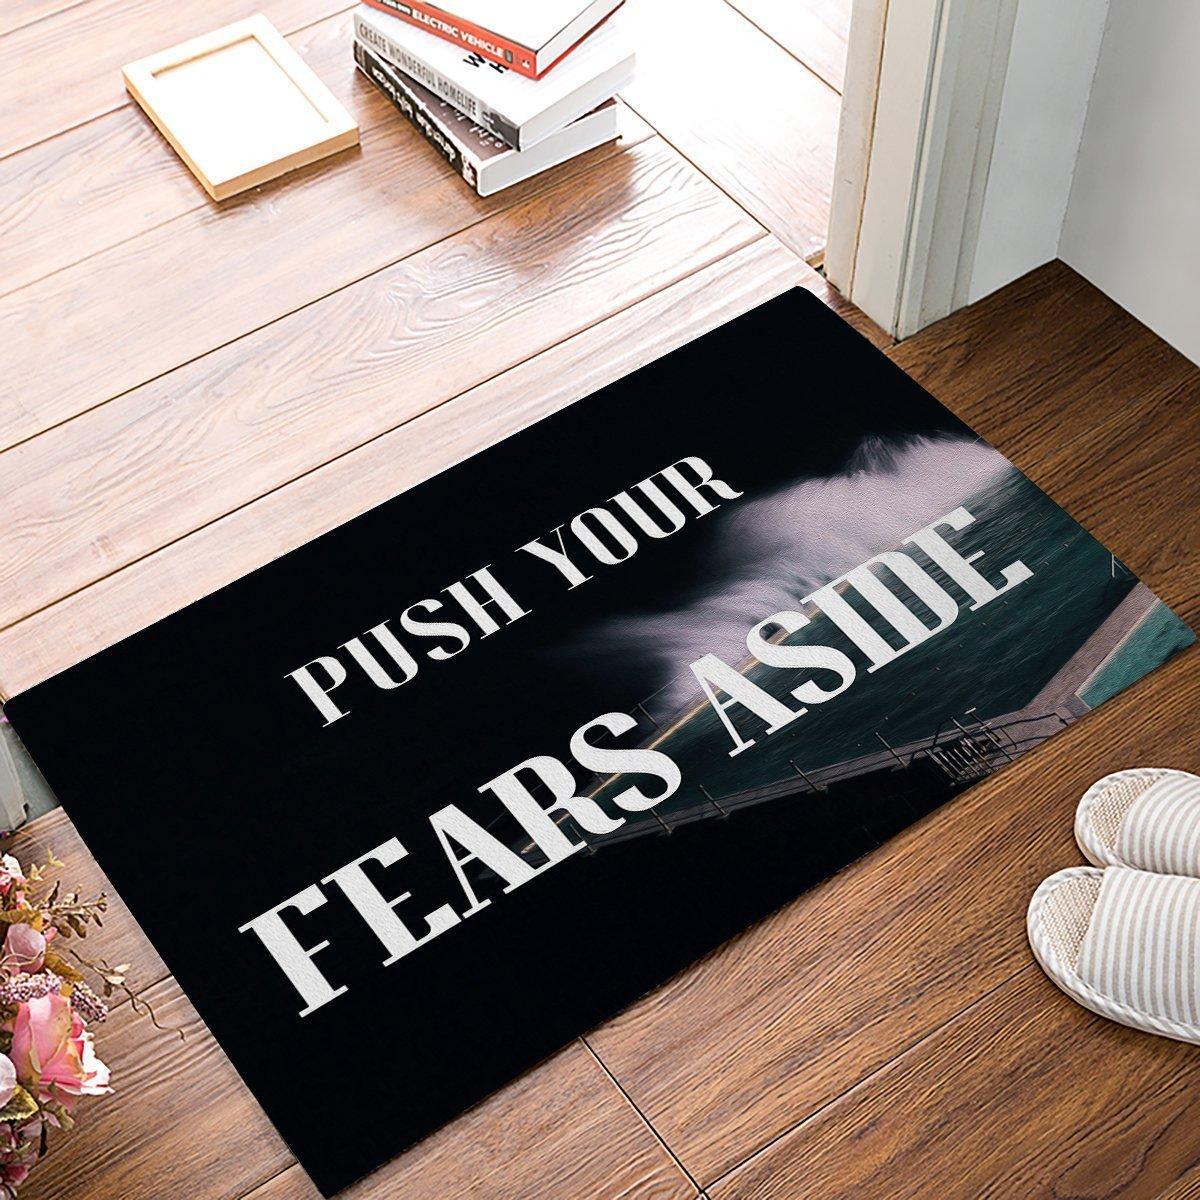 Push Your Fears Aside - Summer Swimming Pool Door Mats Kitchen Floor Bath Entrance Rug Mat Absorbent Indoor Bathroom Rubber